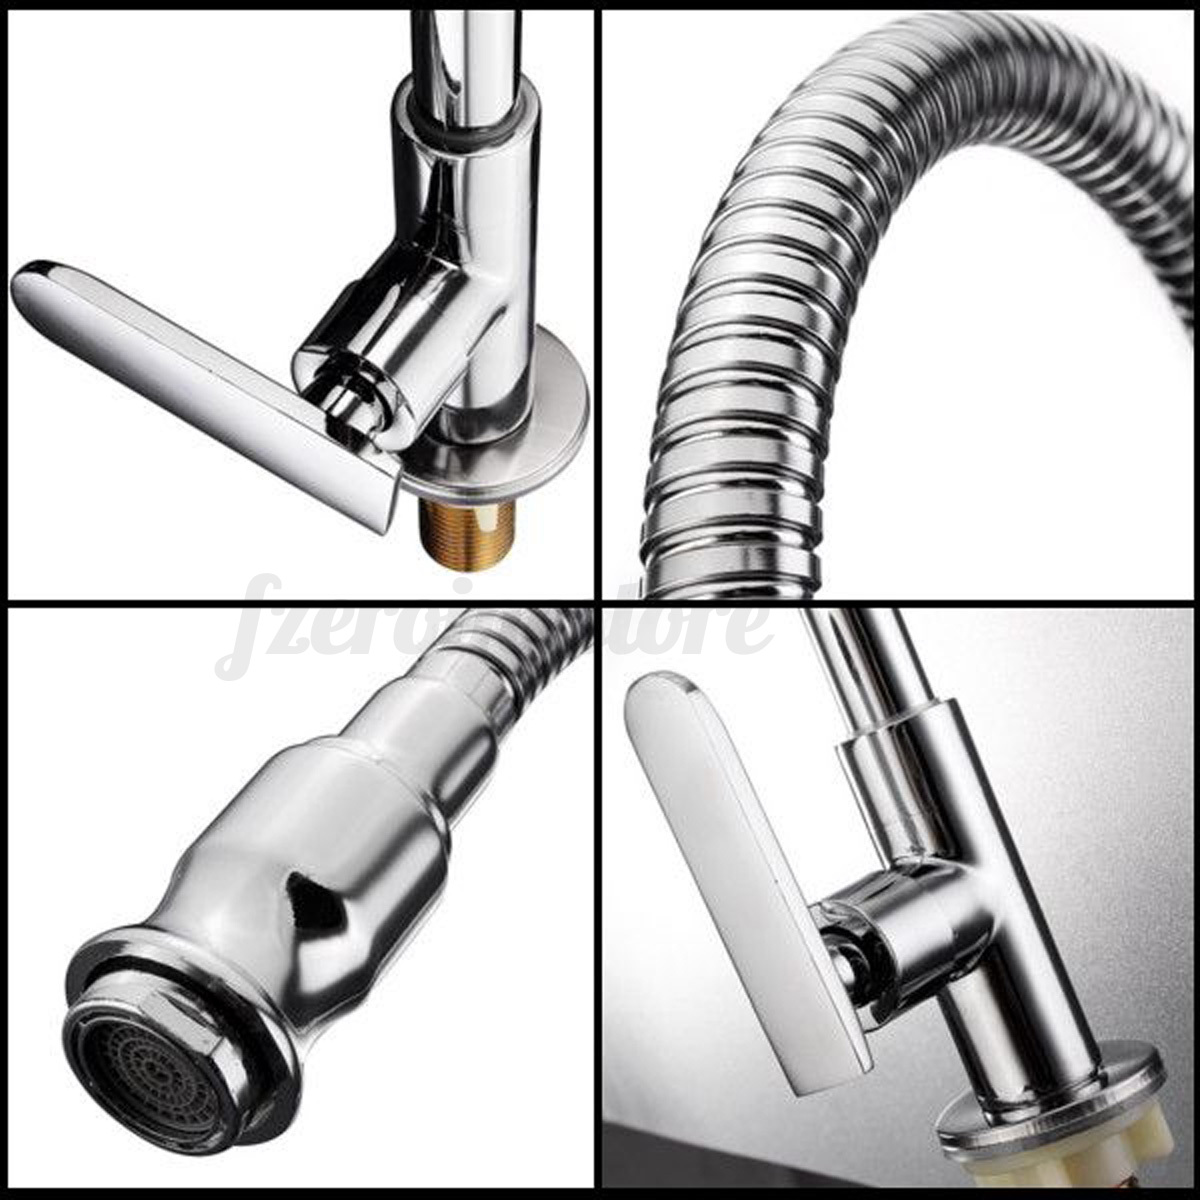 spültisch wasserhahn küchen waschbecken armatur  ~ Wasserhahn Cad